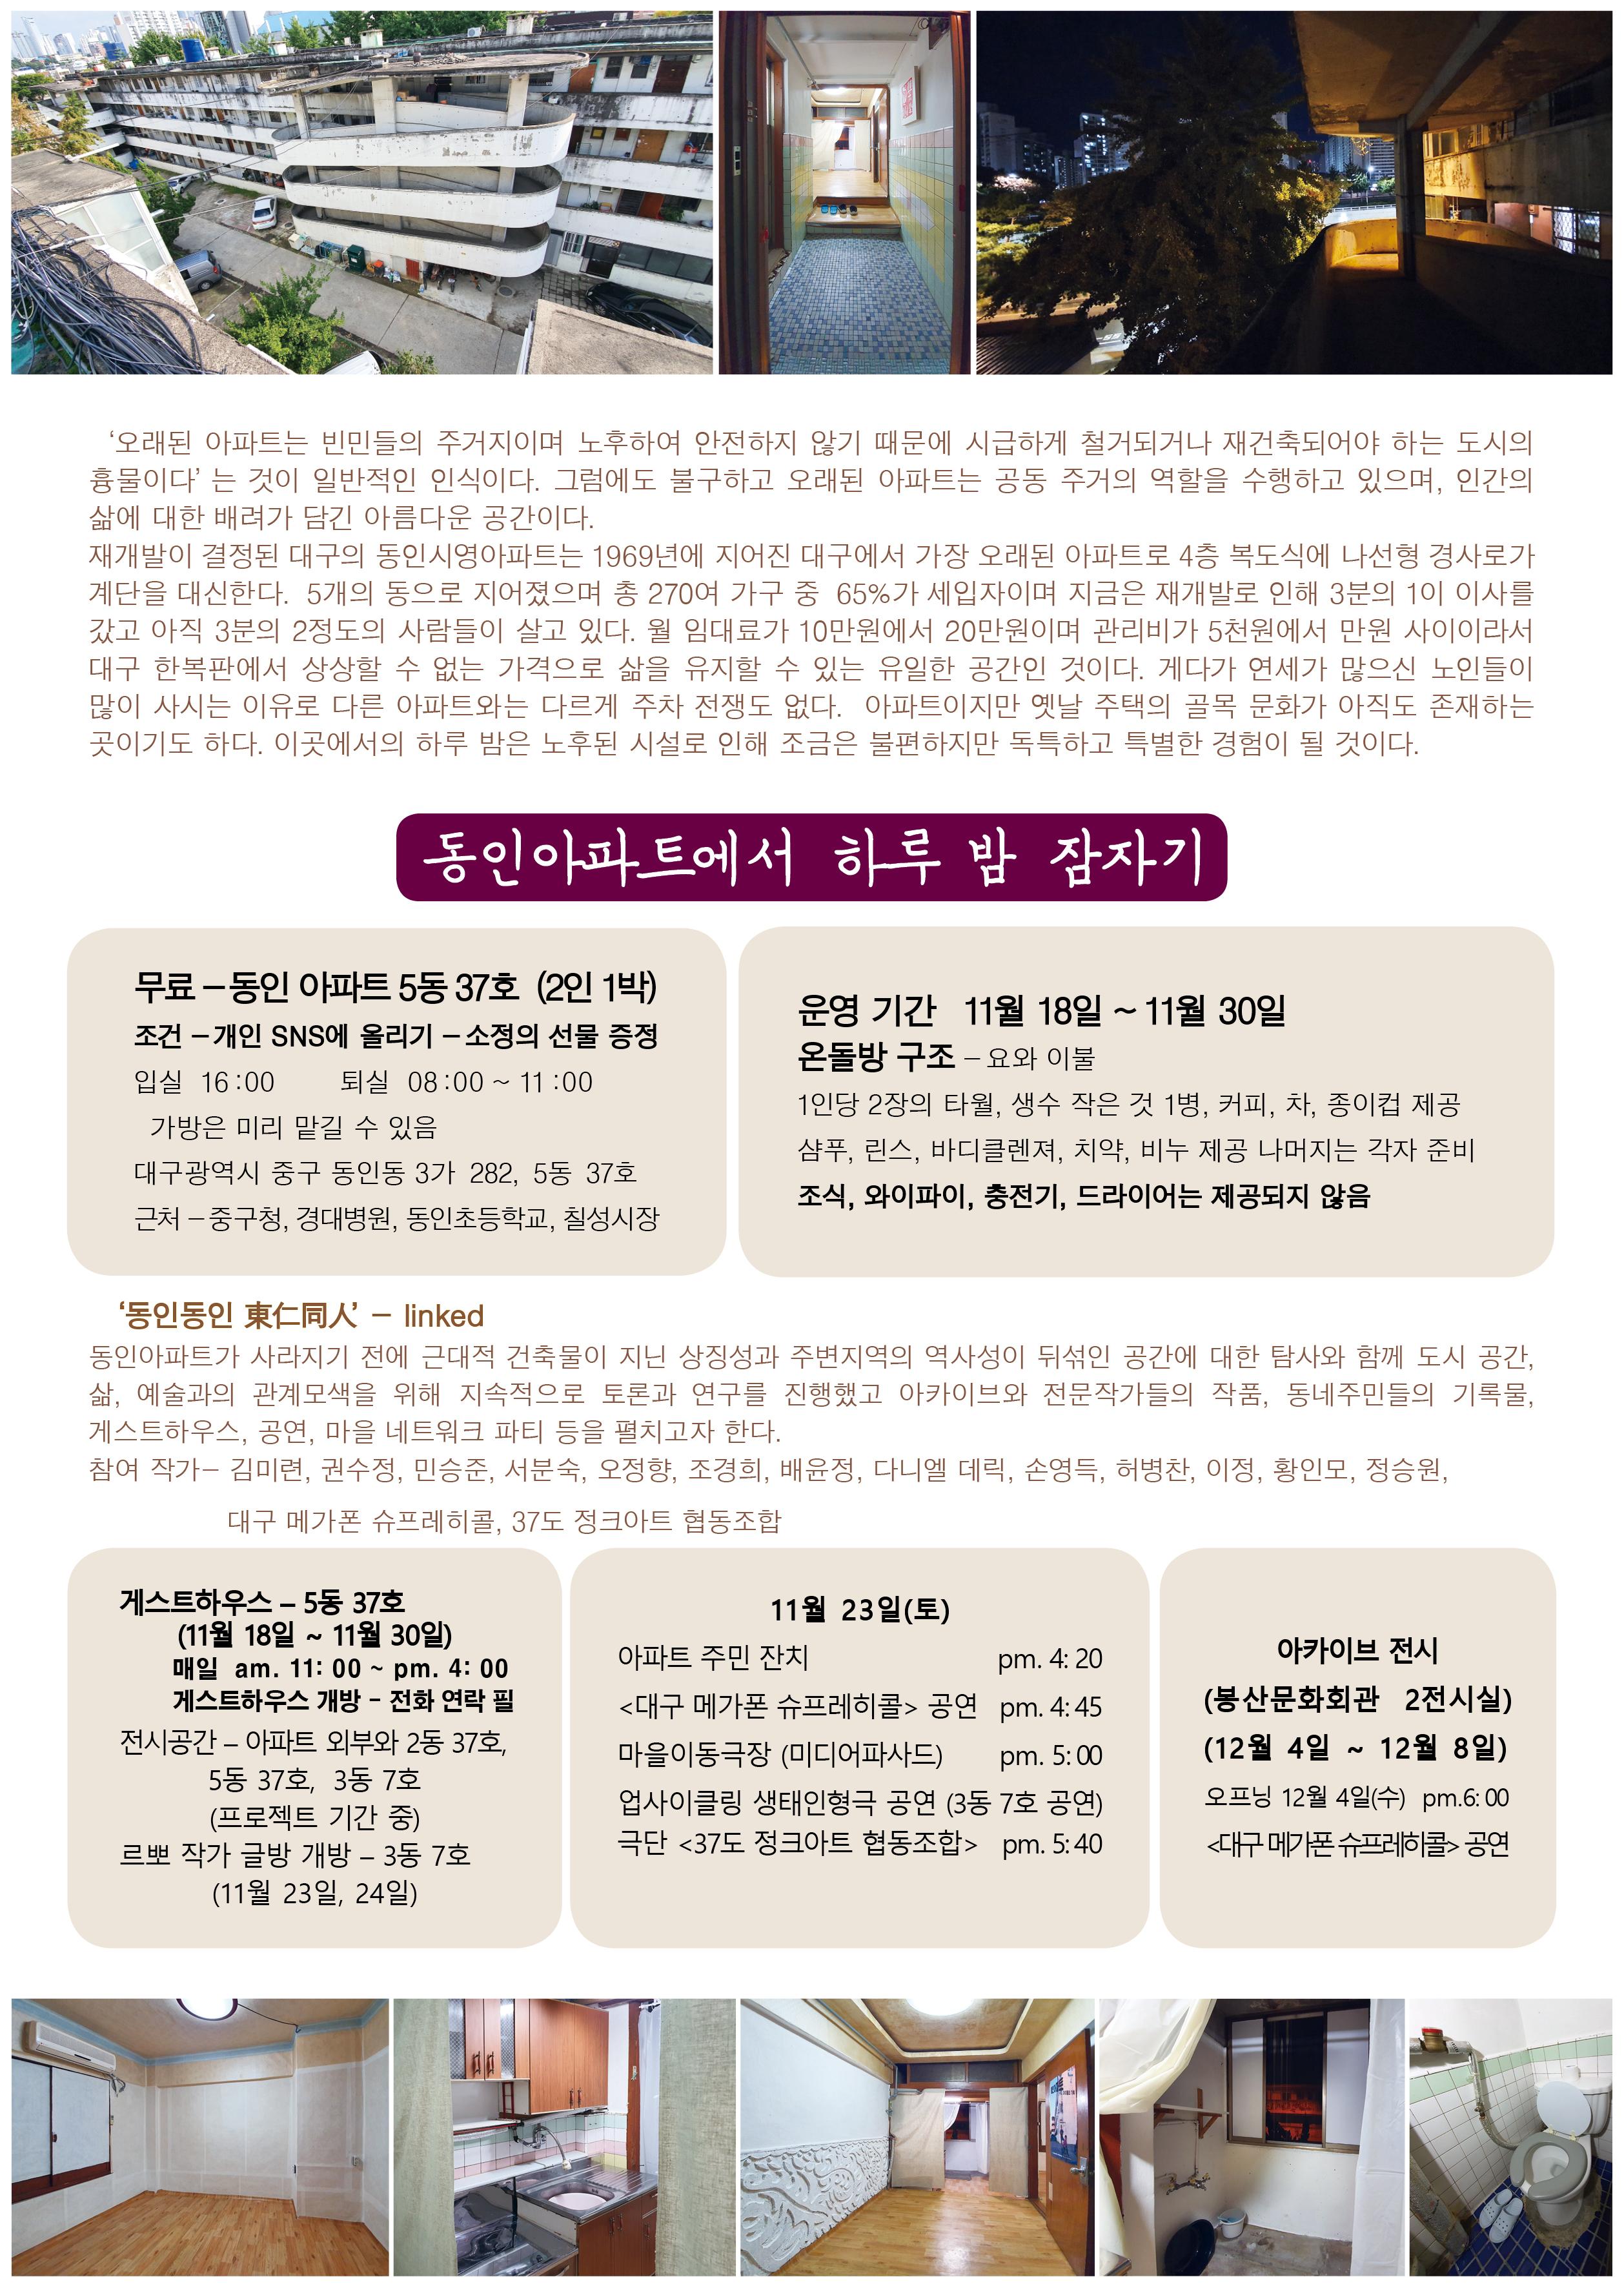 조경희 -게스트하우스 전단지-최종2